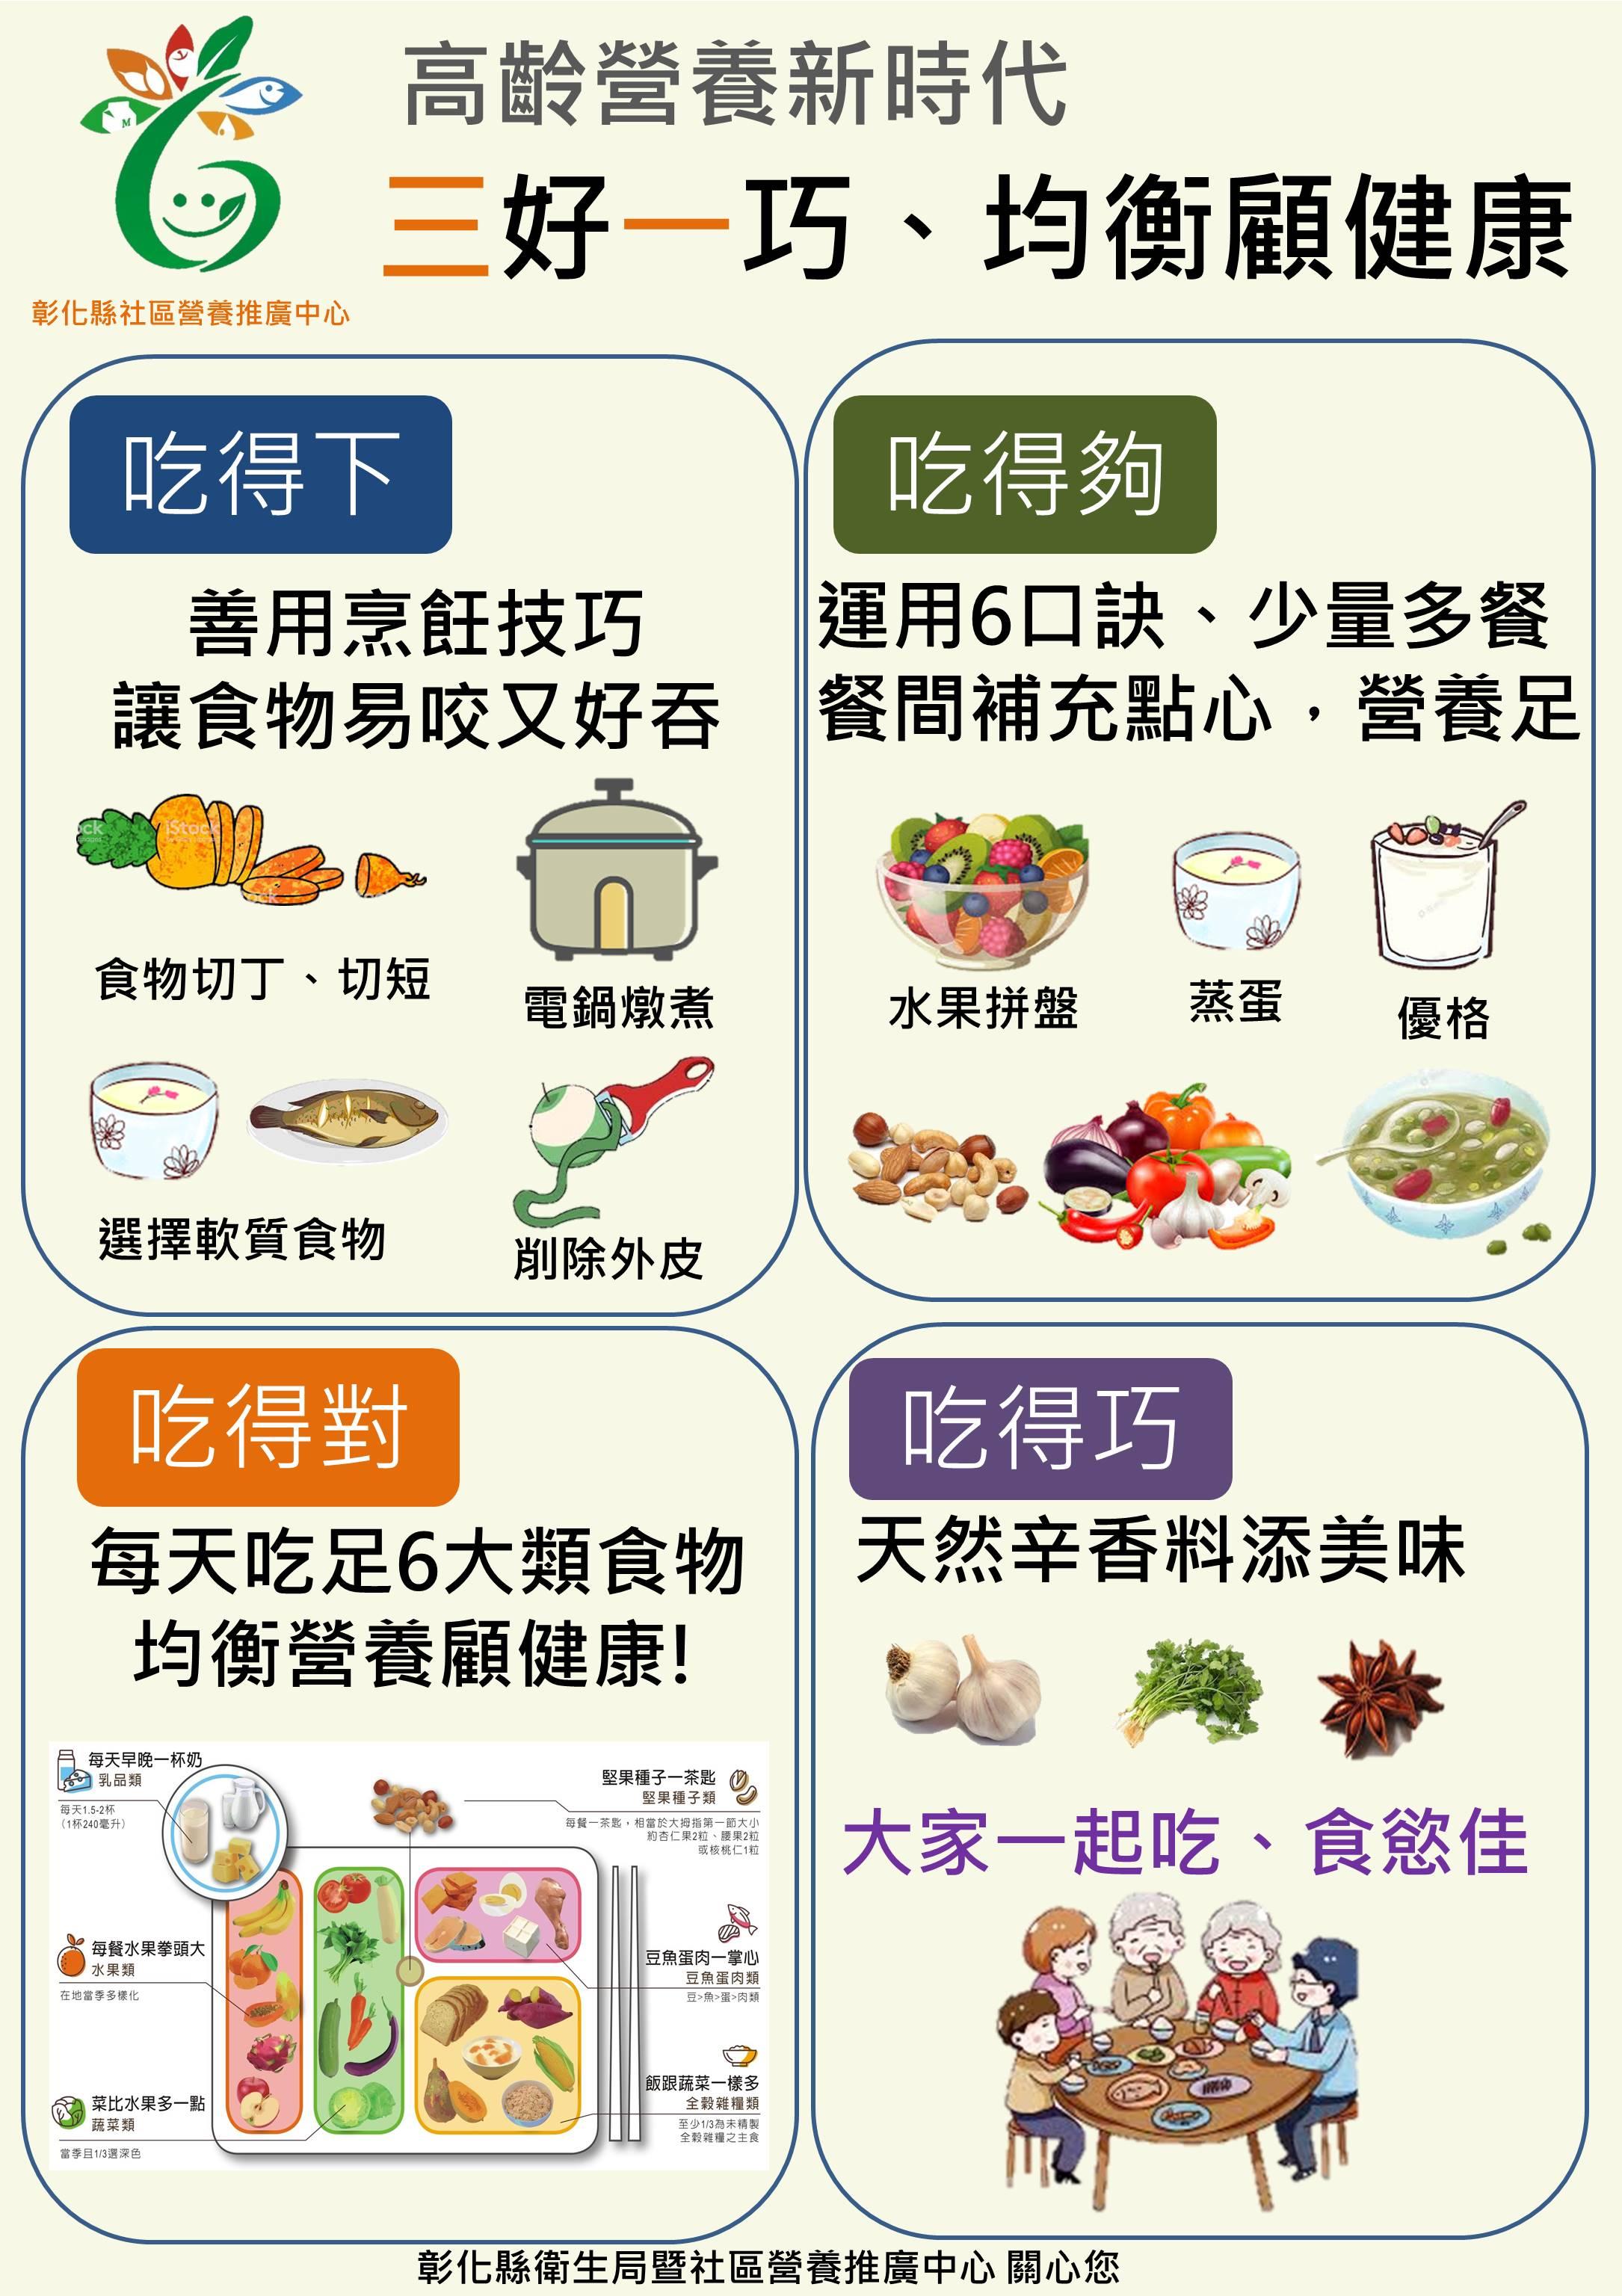 三好一巧飲食 均衡顧健康